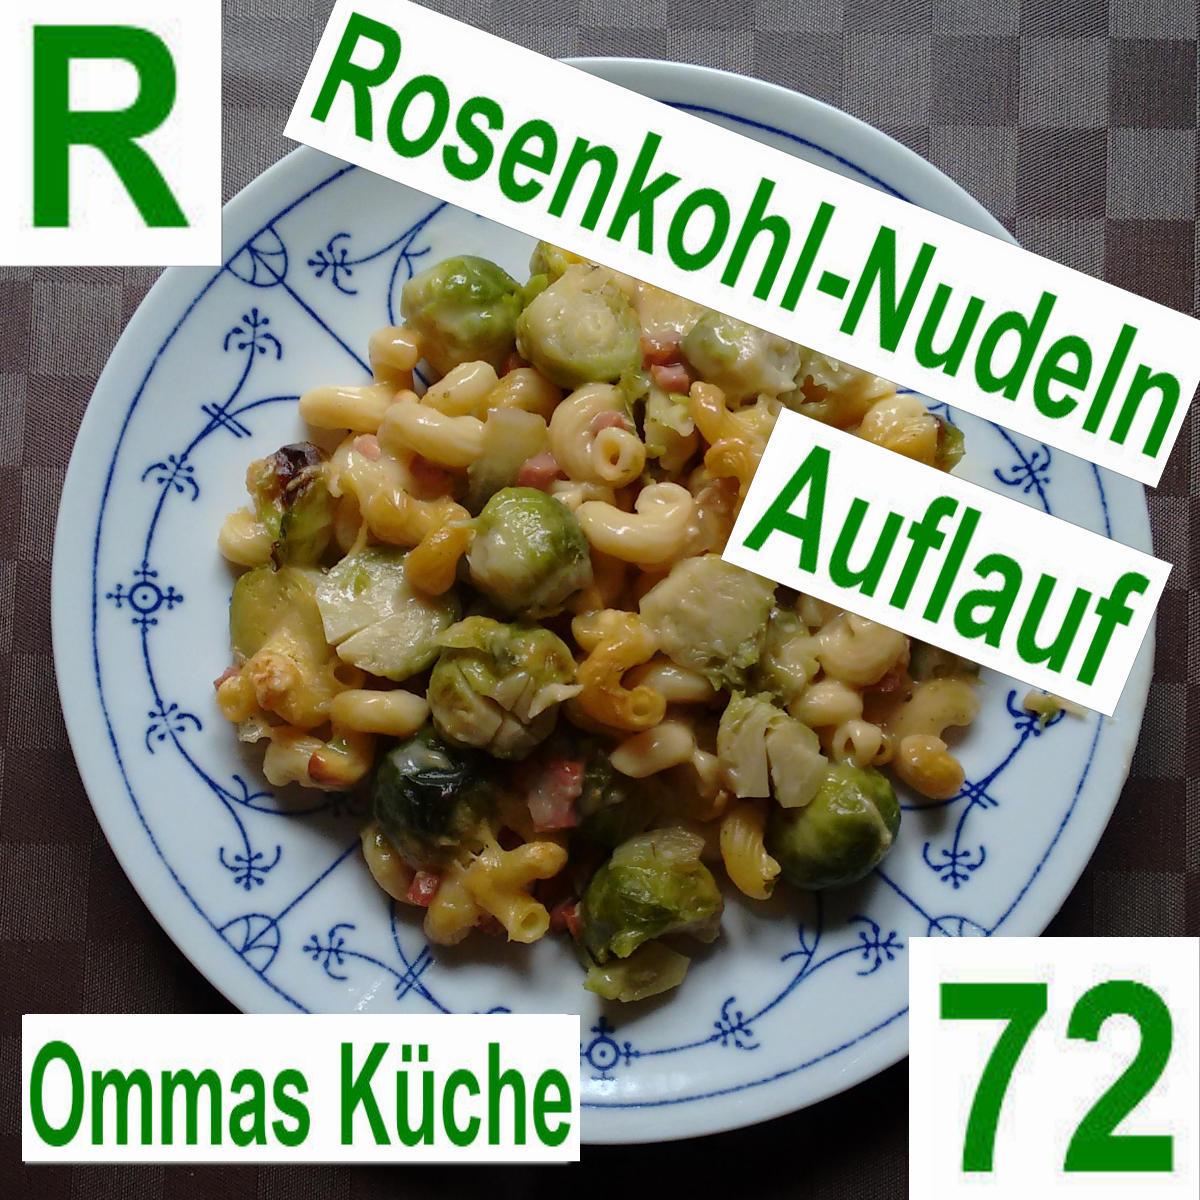 Rosenkohl-Nudel-Auflauf | vonMich